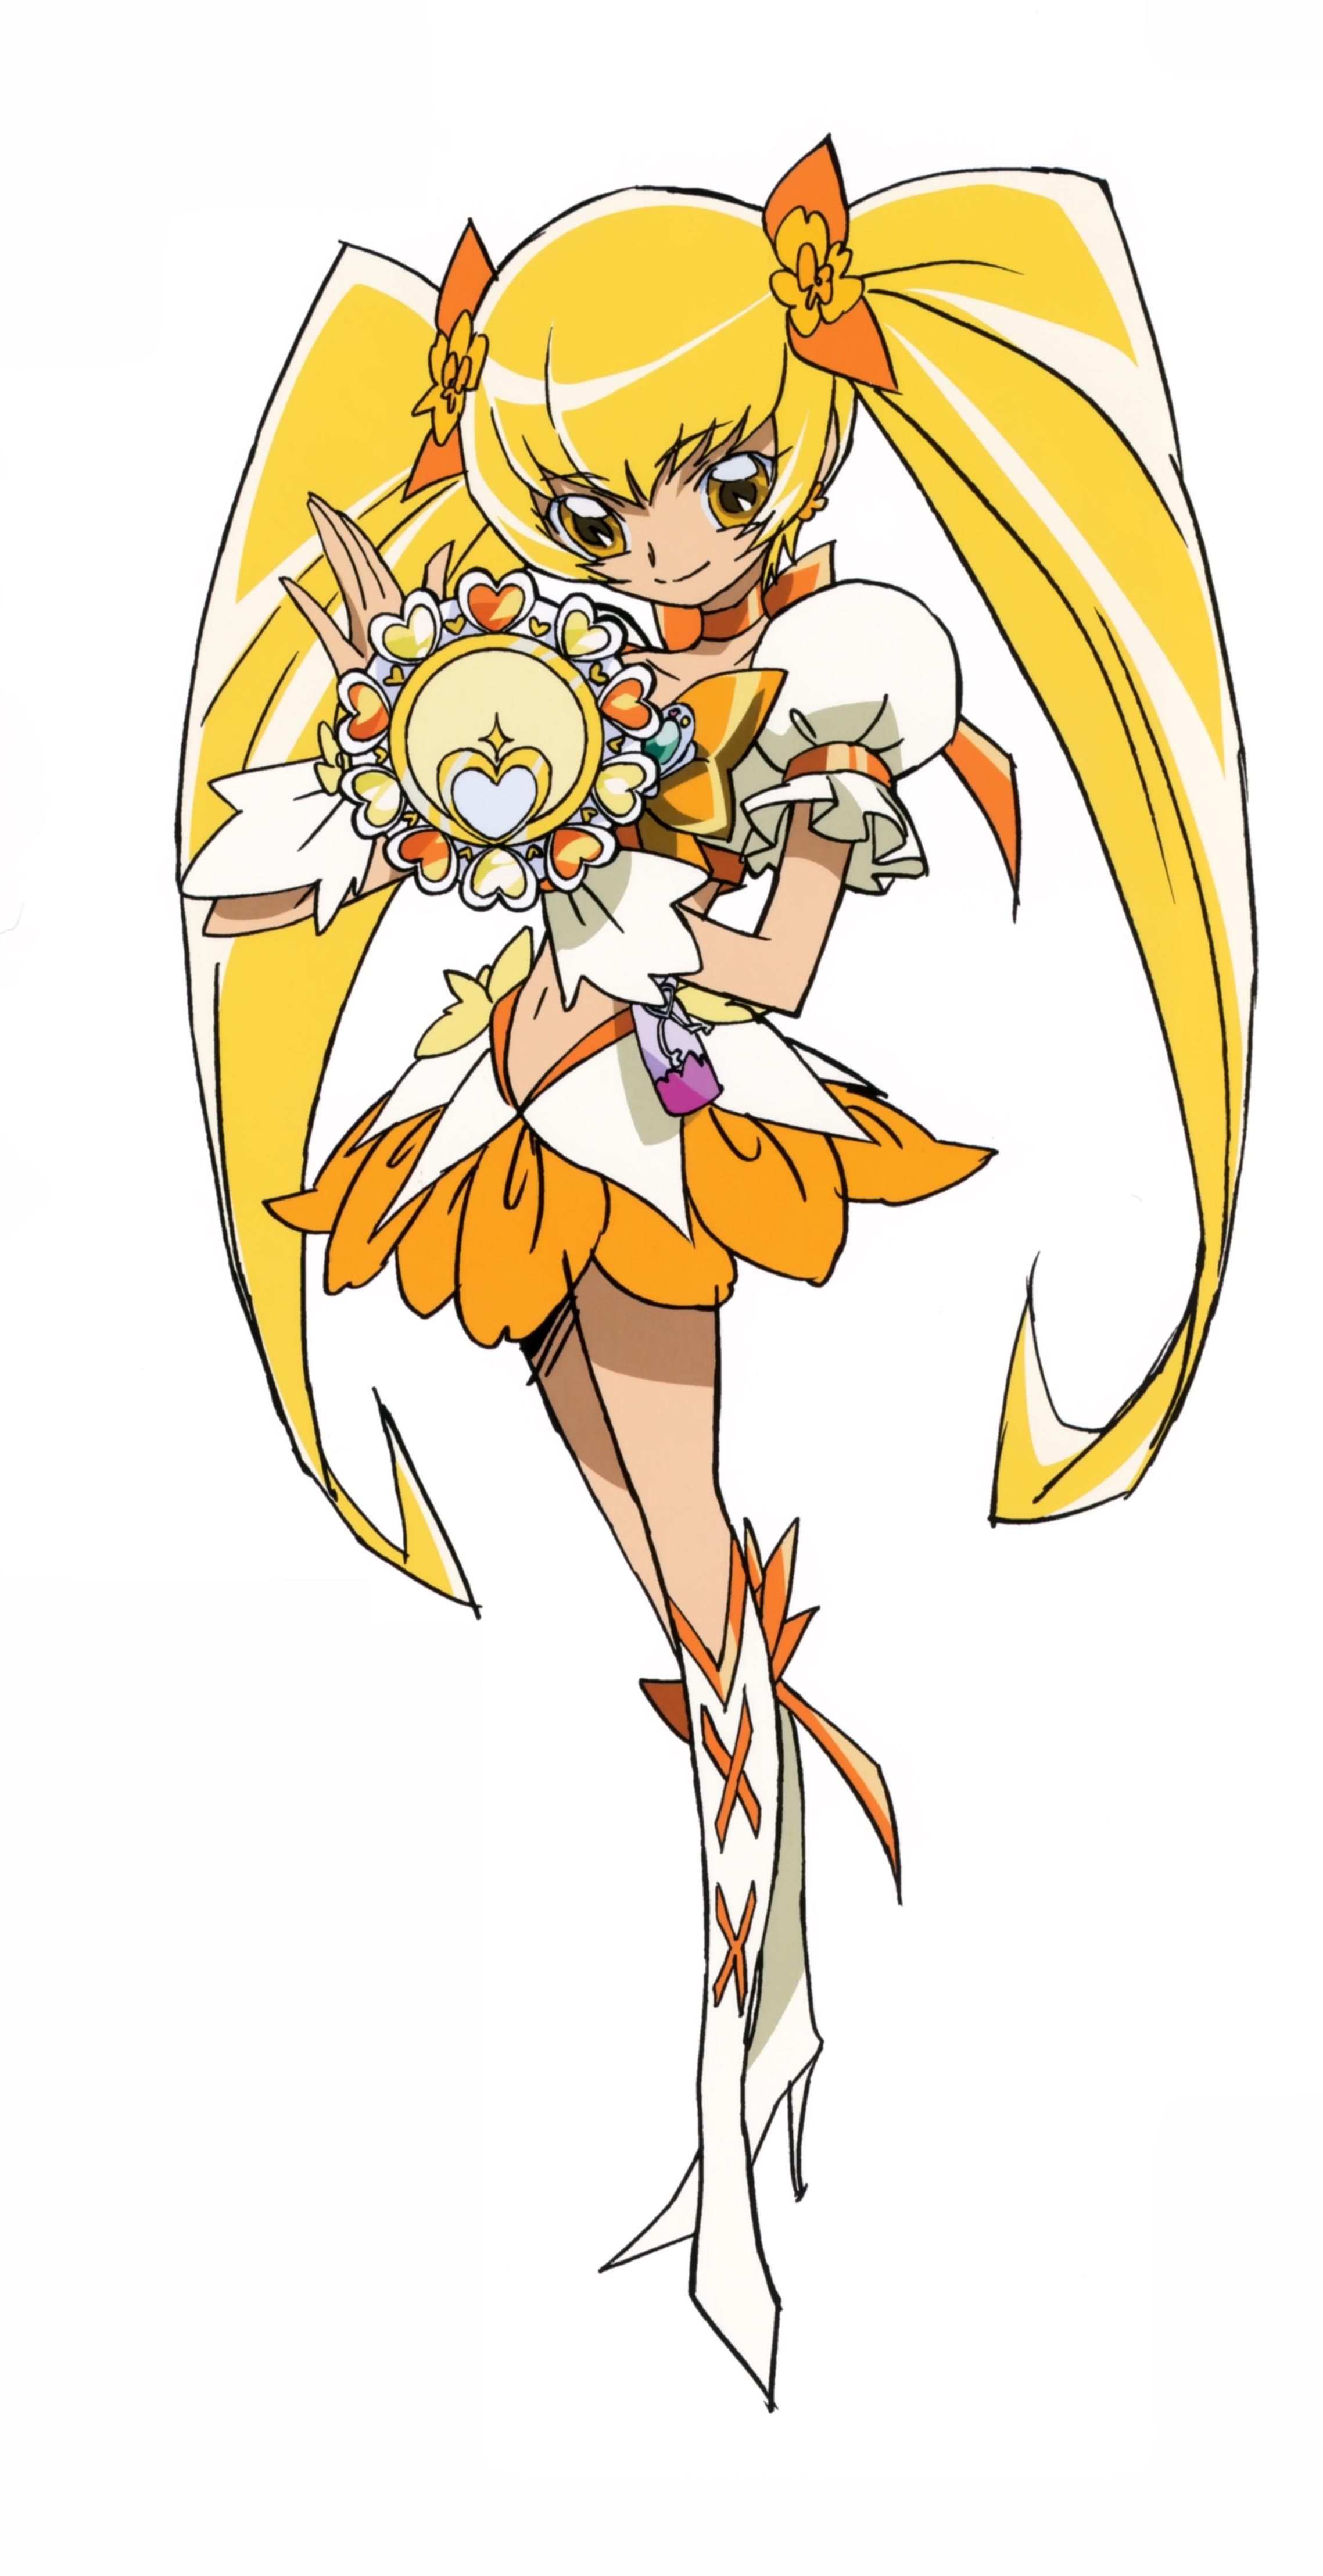 HeartCatch Precure!: Cure Sunshine - Minitokyo